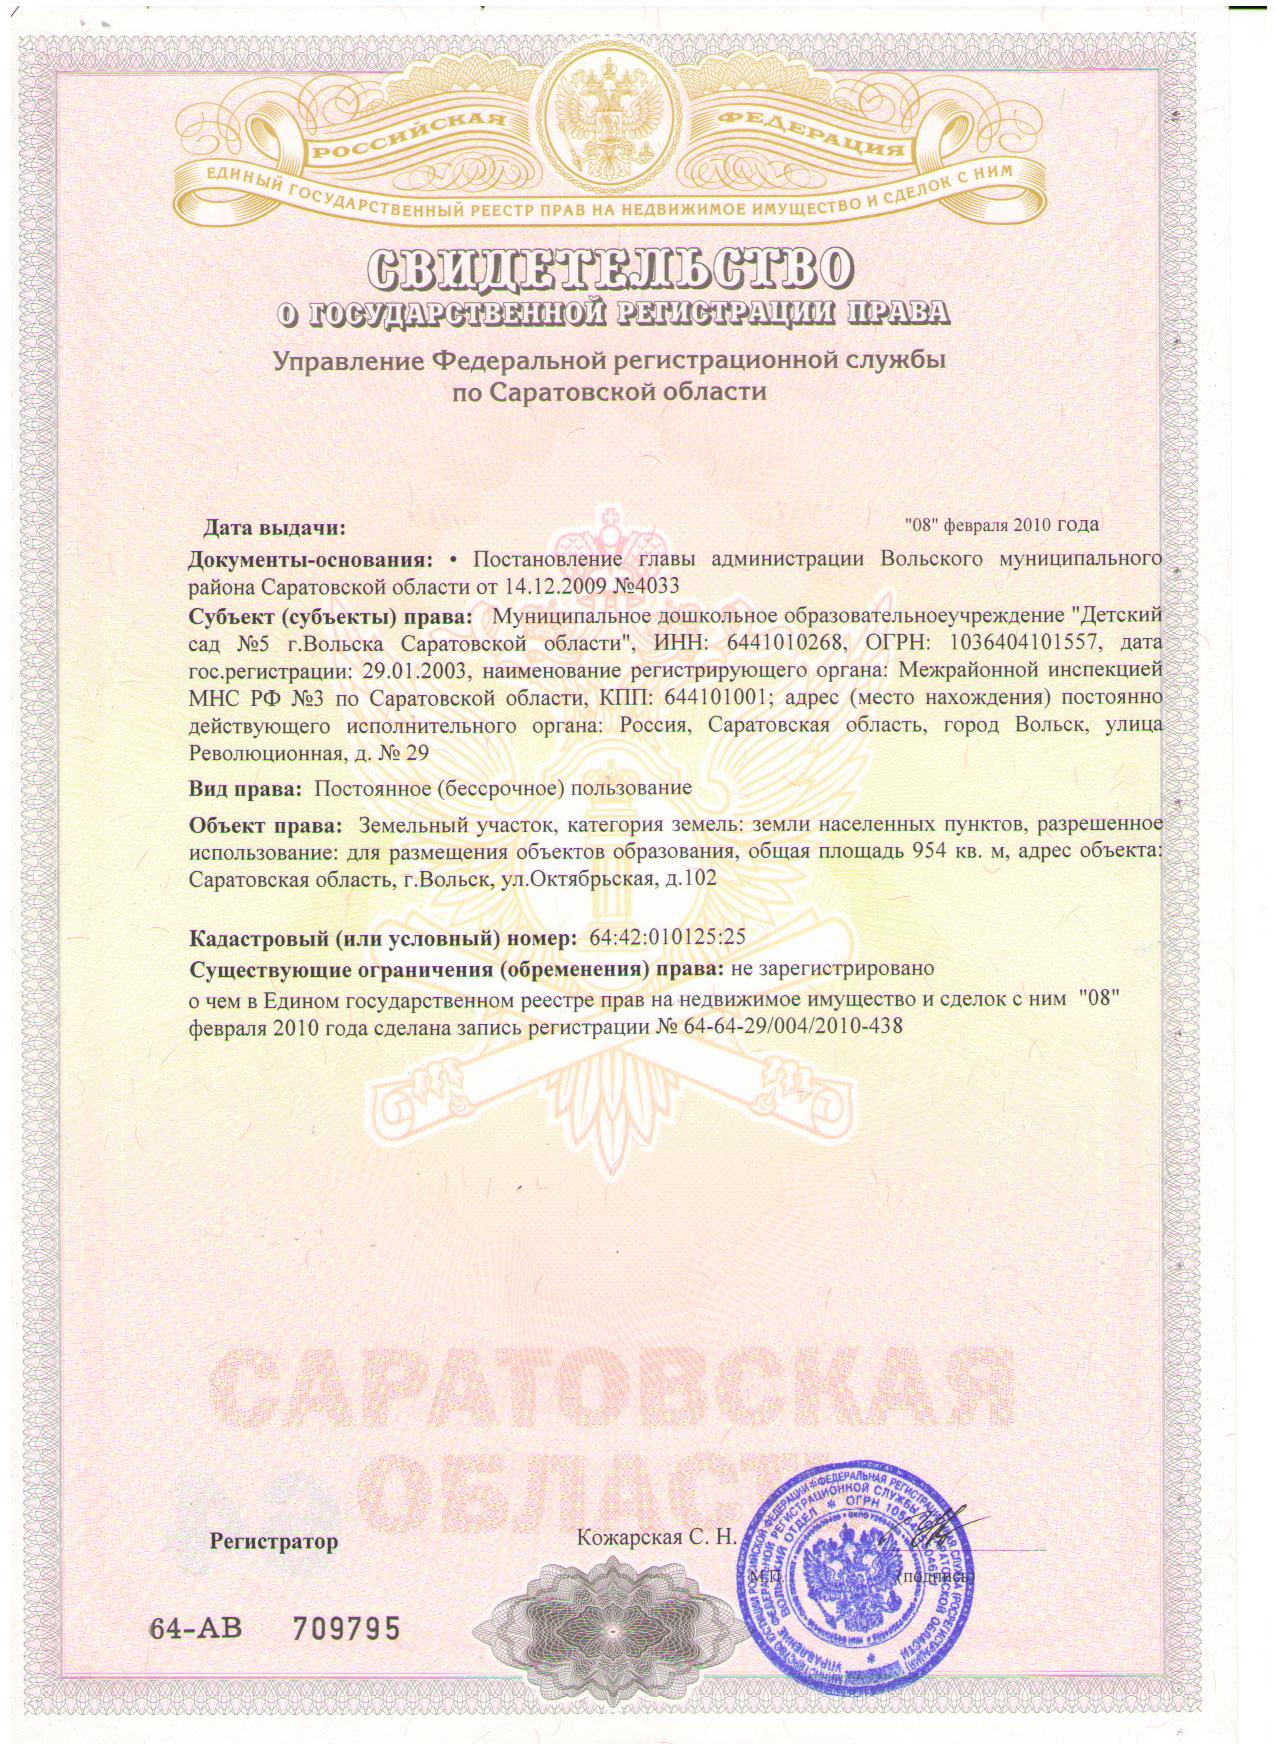 пойдем регистрация прав на недвижимое имущество в челябинске лежал